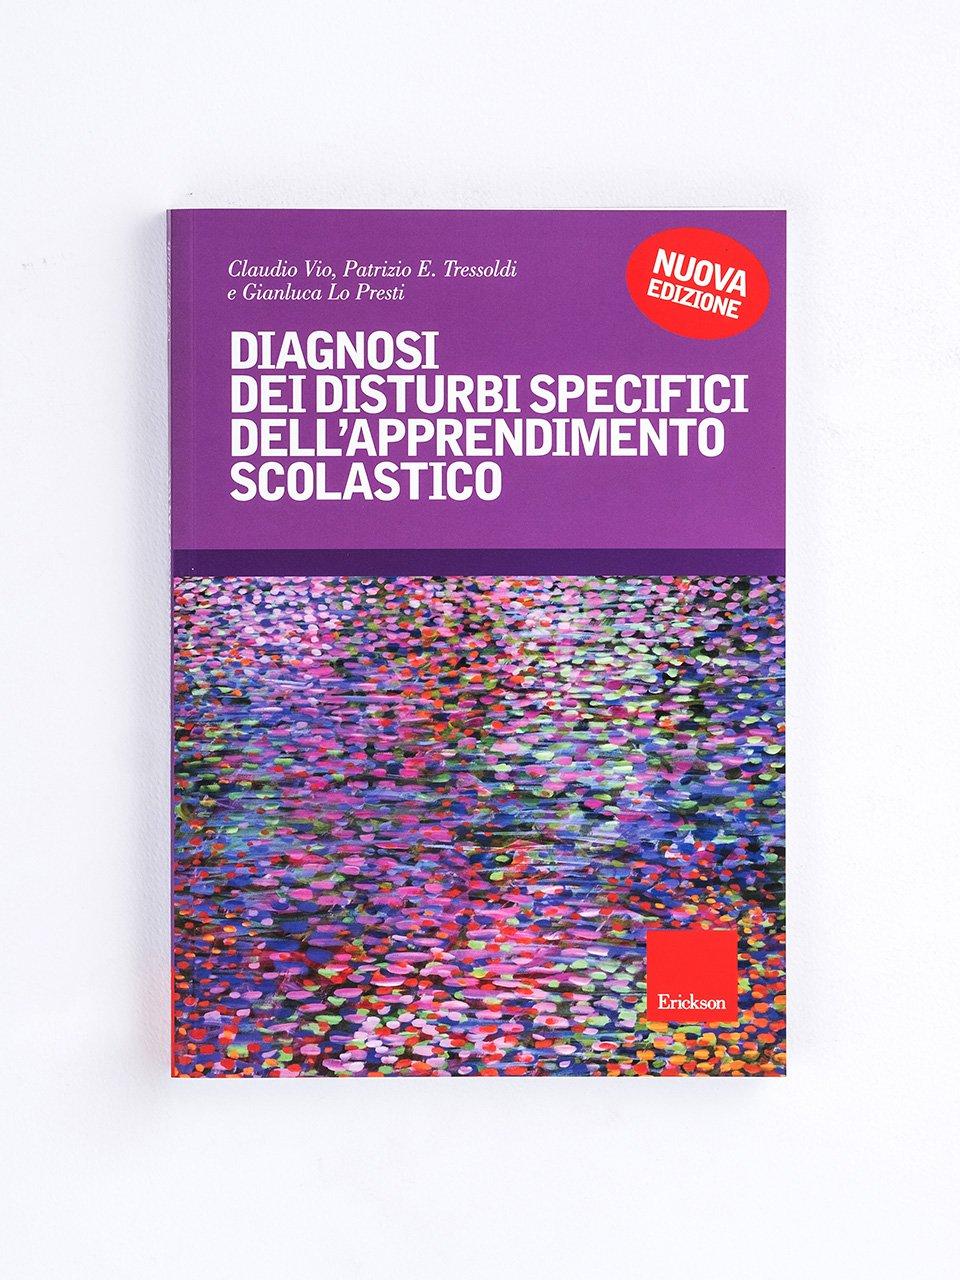 Diagnosi dei disturbi specifici dell'apprendimento scolastico - Educare all'espressione artistica - Libri - Erickson